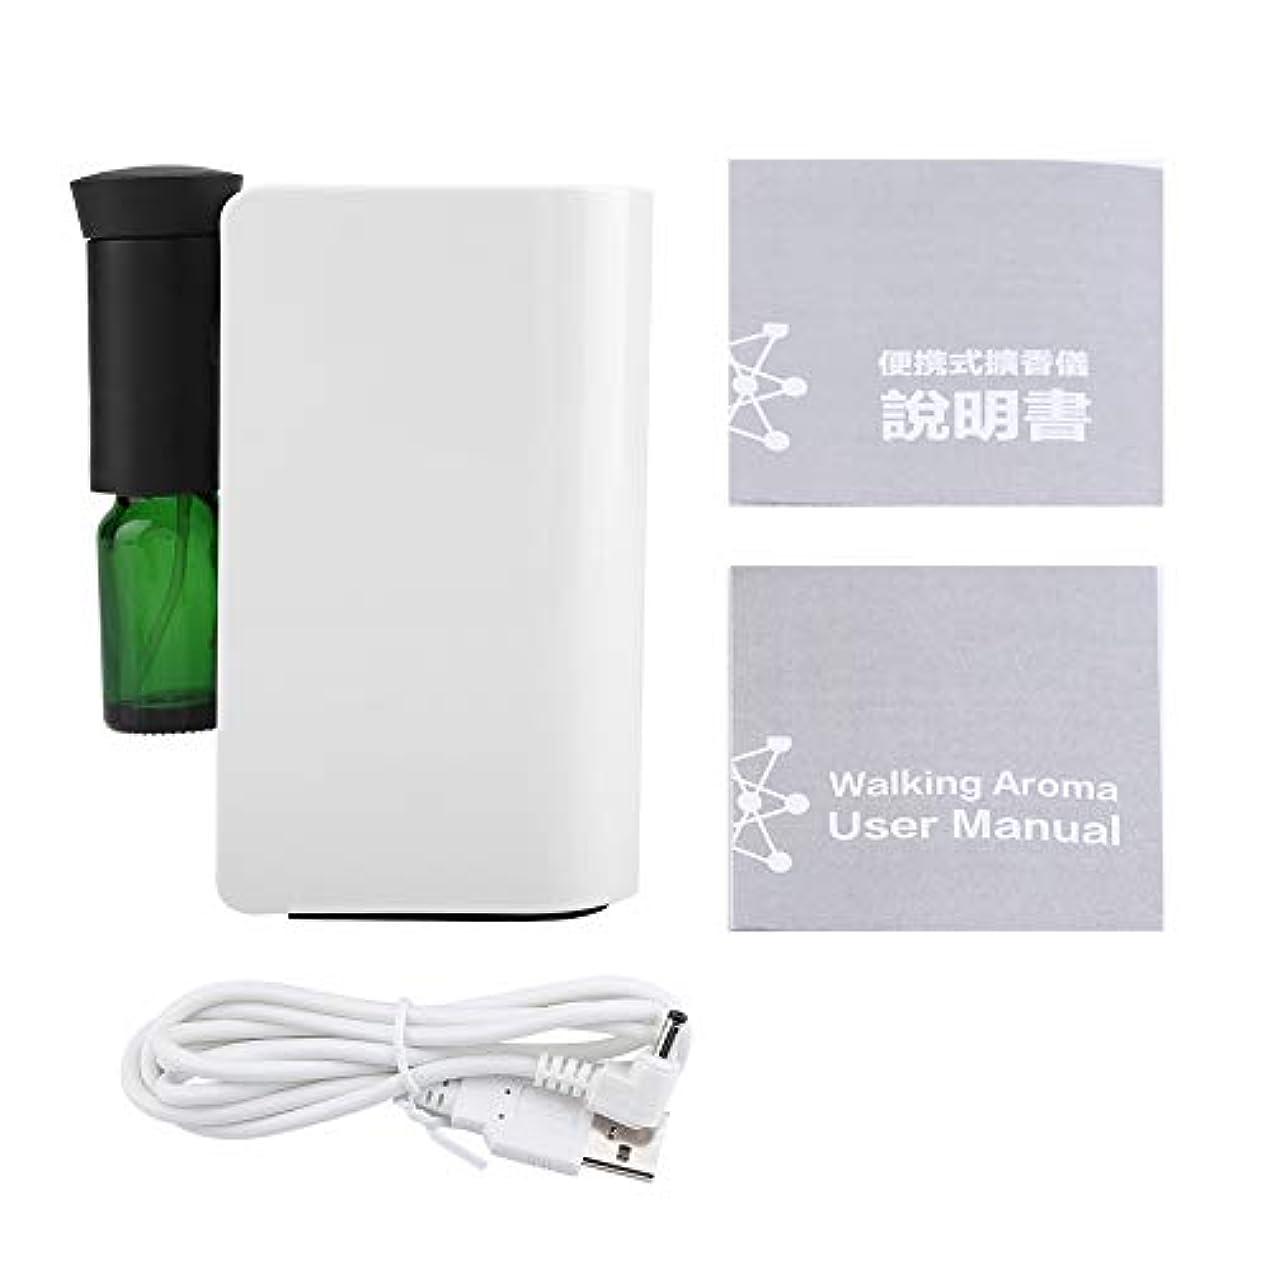 ずんぐりした移植アパートアロマディフューザー usb充電式 100ml 精油 エッセンシャルオイル用 自動アロマディスペンサー用 部屋 オフィス(ホワイト)